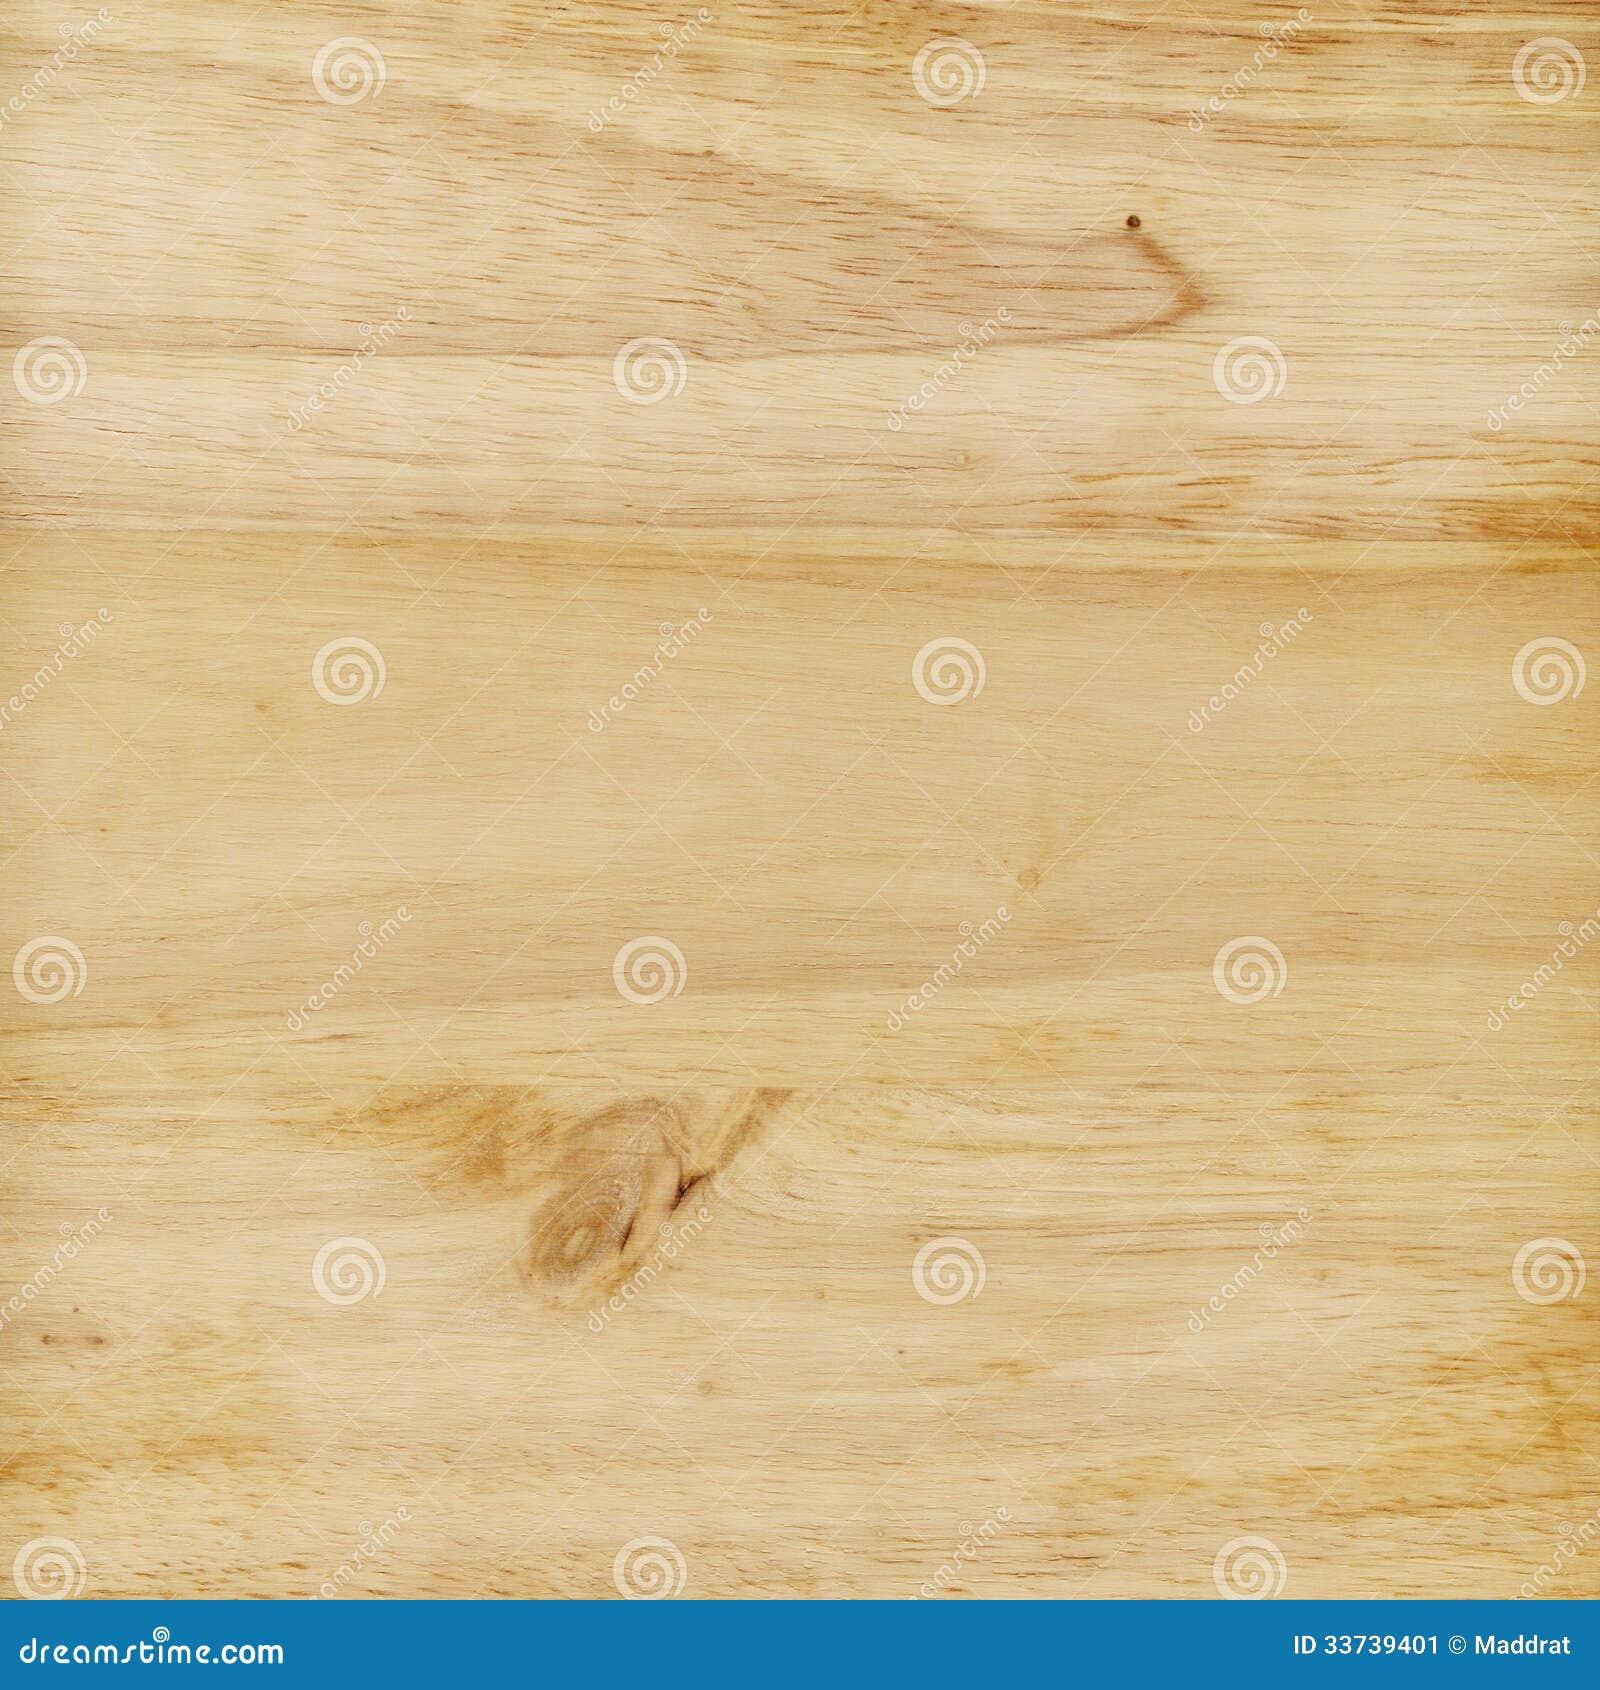 Деревянная текстура.